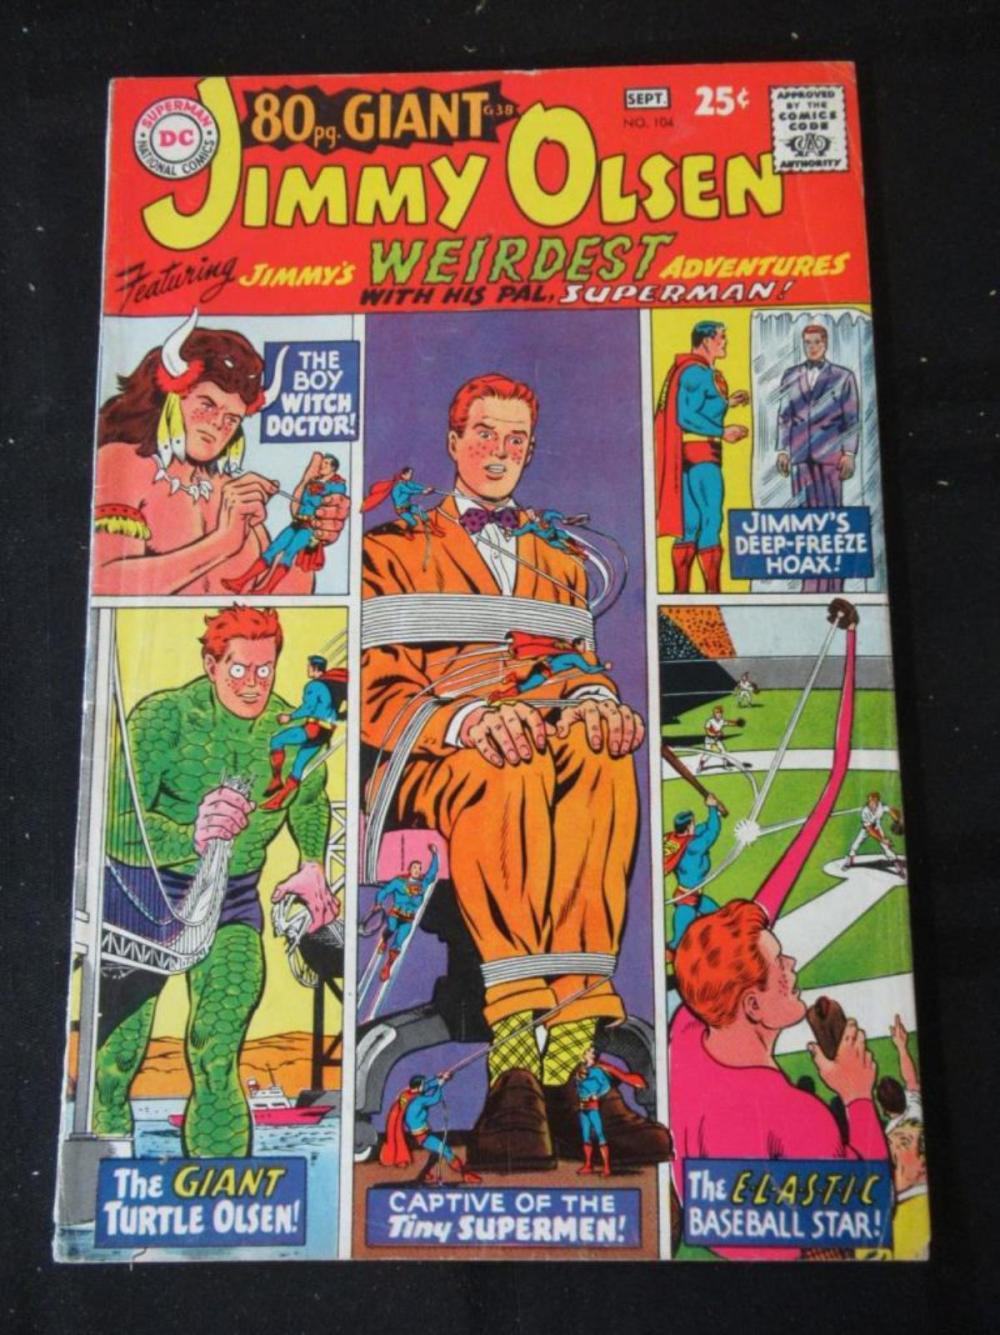 Jimmy Olsen 25c #104 Wierdest Adventures